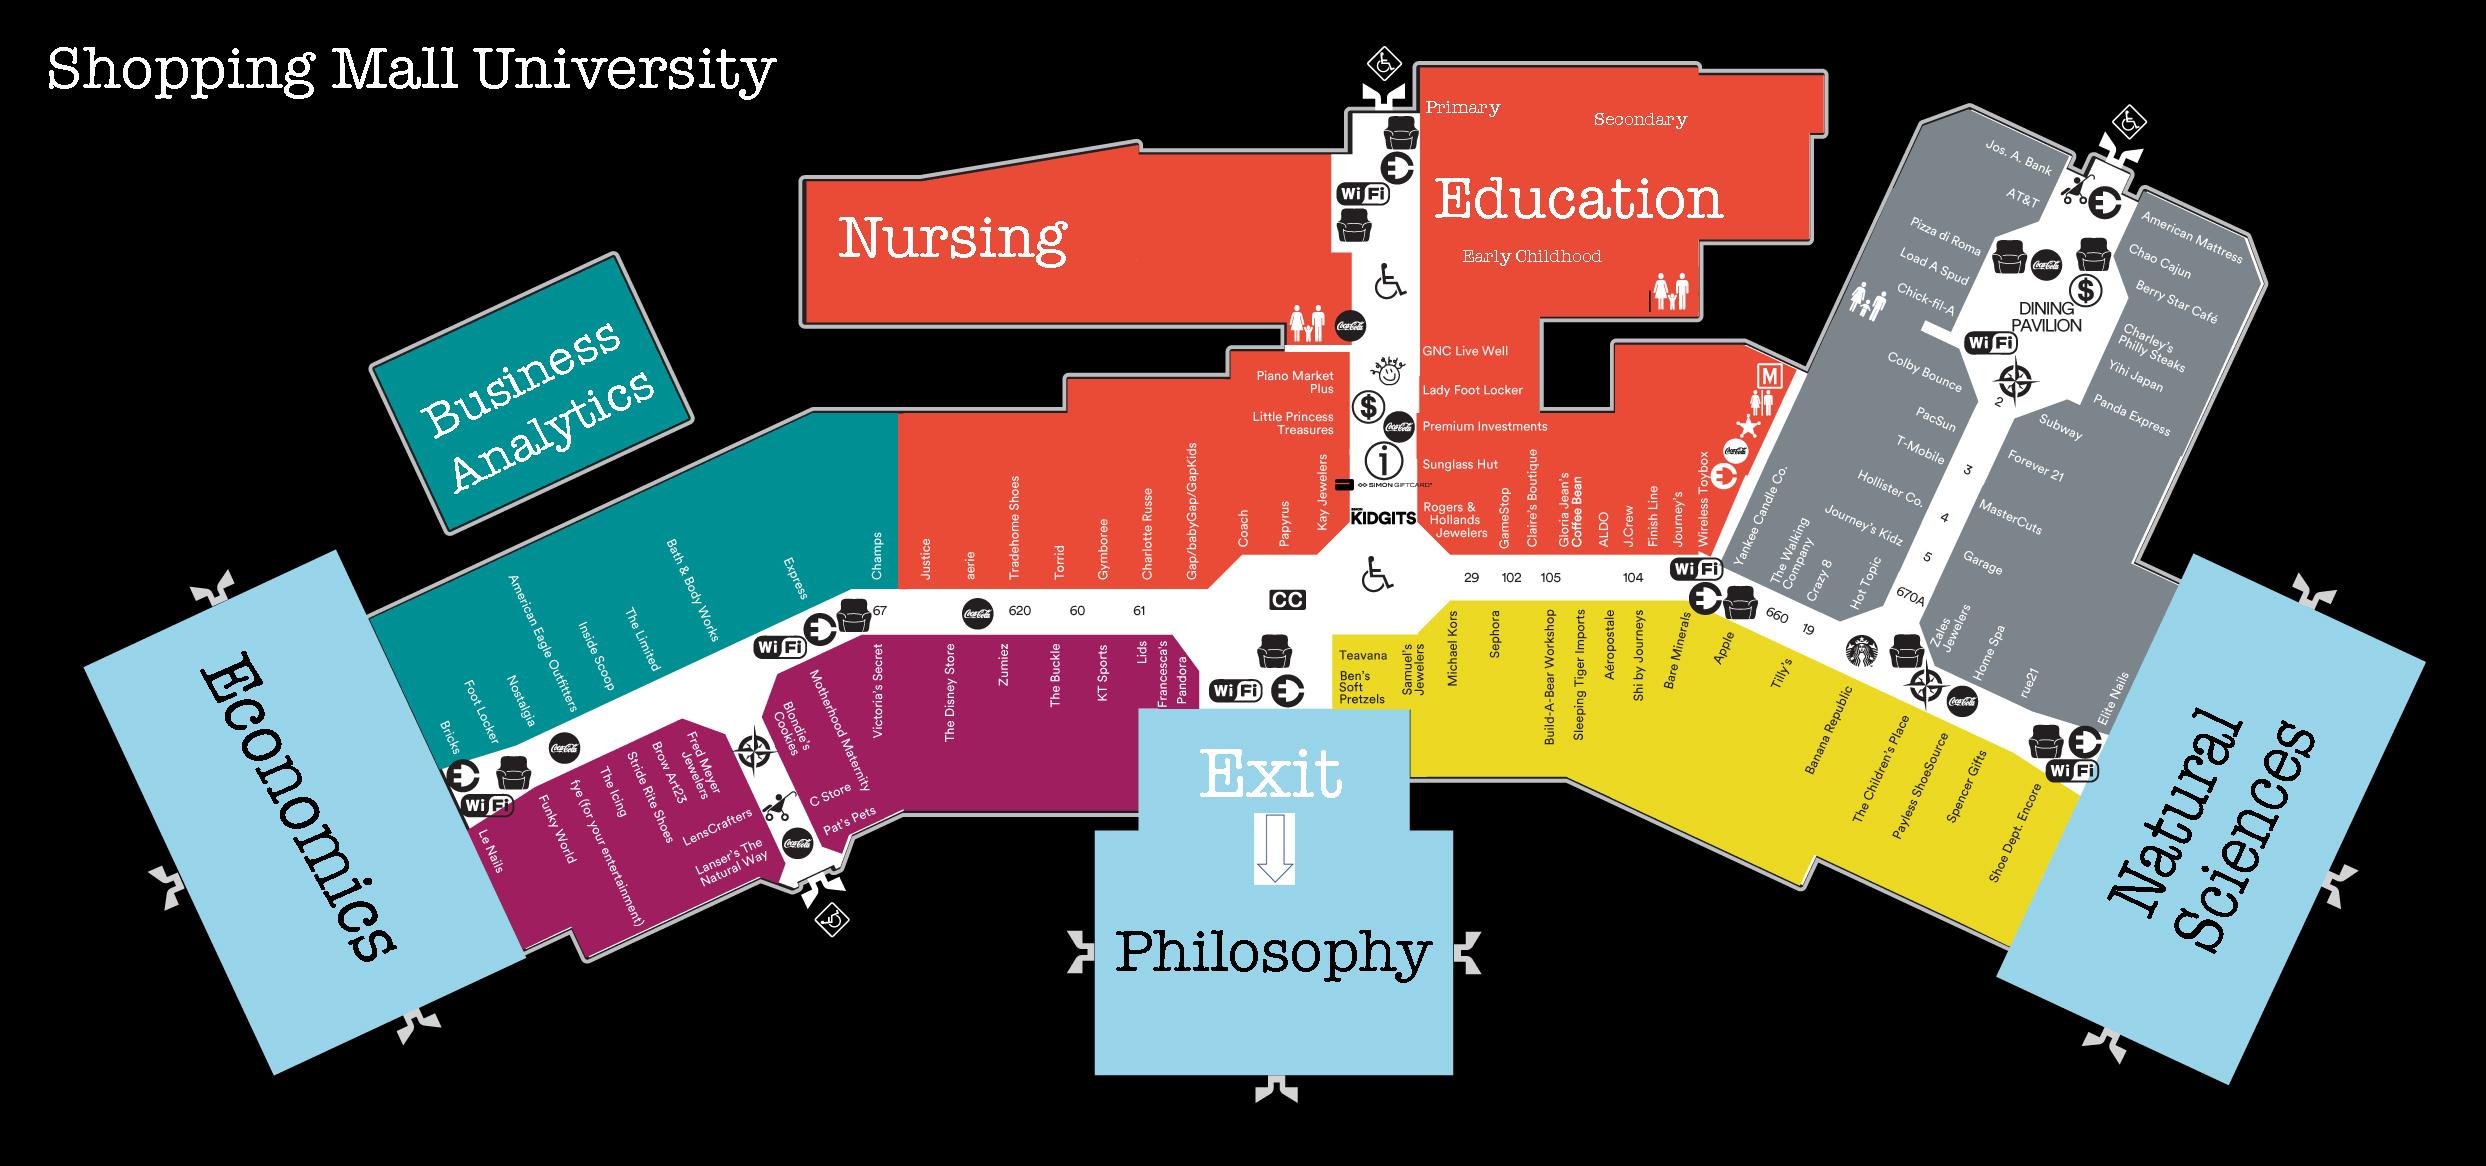 Mall University